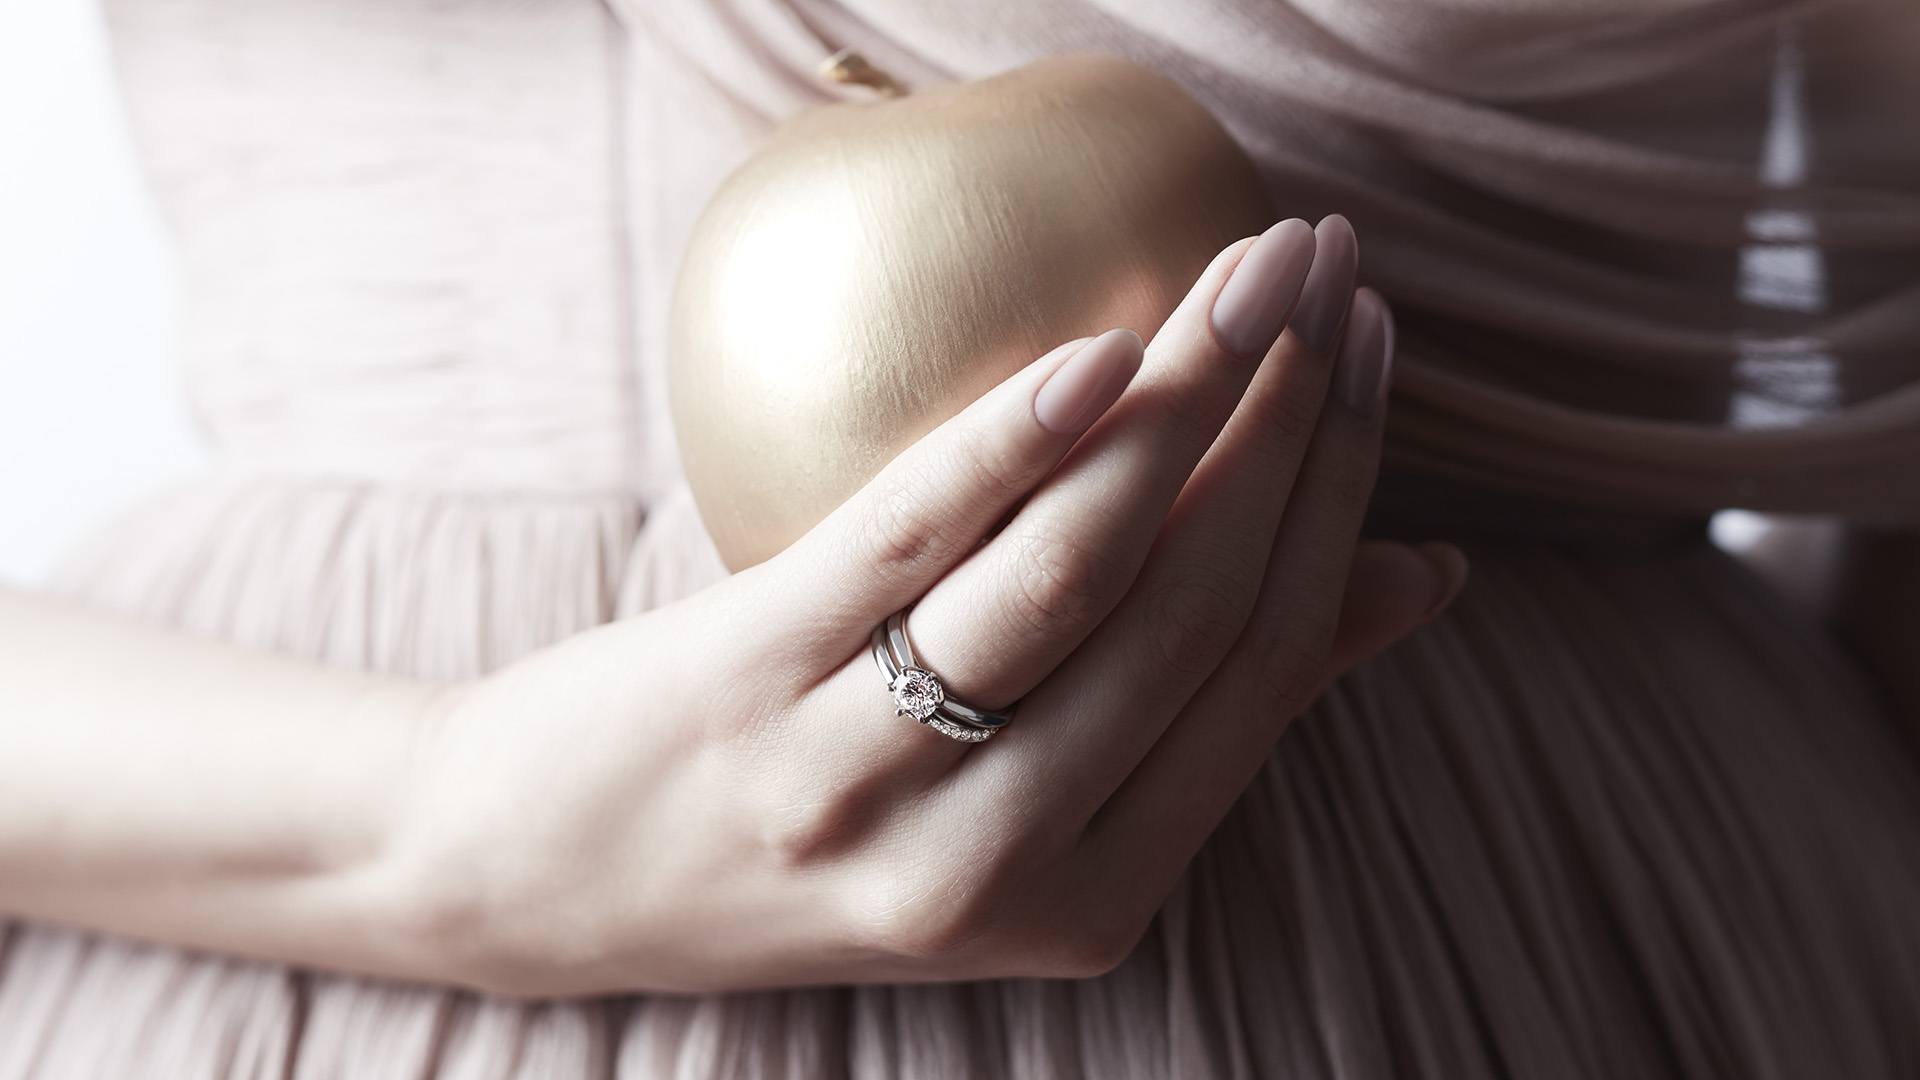 【NEW】hercules ヘラクレス≪11月2日(土)発売≫ | 婚約指輪サムネイル 5